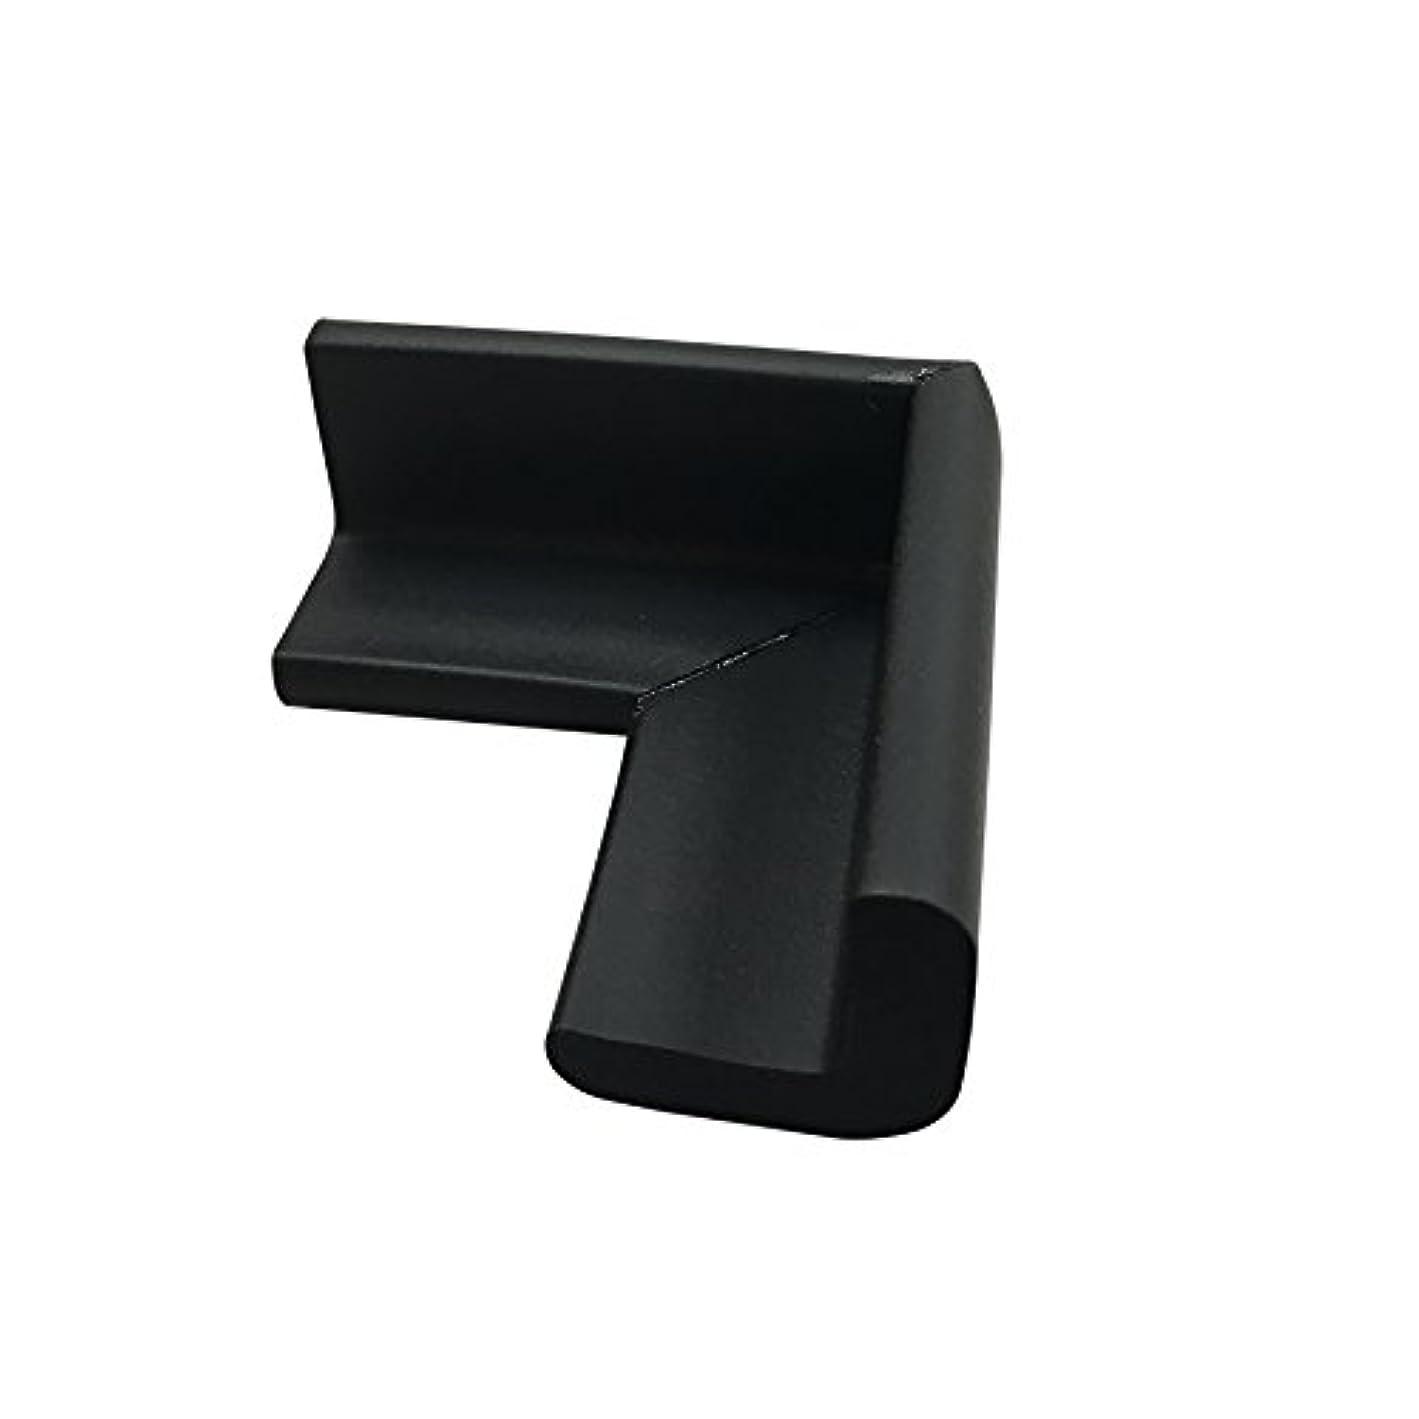 セーフラン(SAFERUN) 安全クッション(L字コーナー型) 細 ブラック 22×22×50mm NBR 4個セット